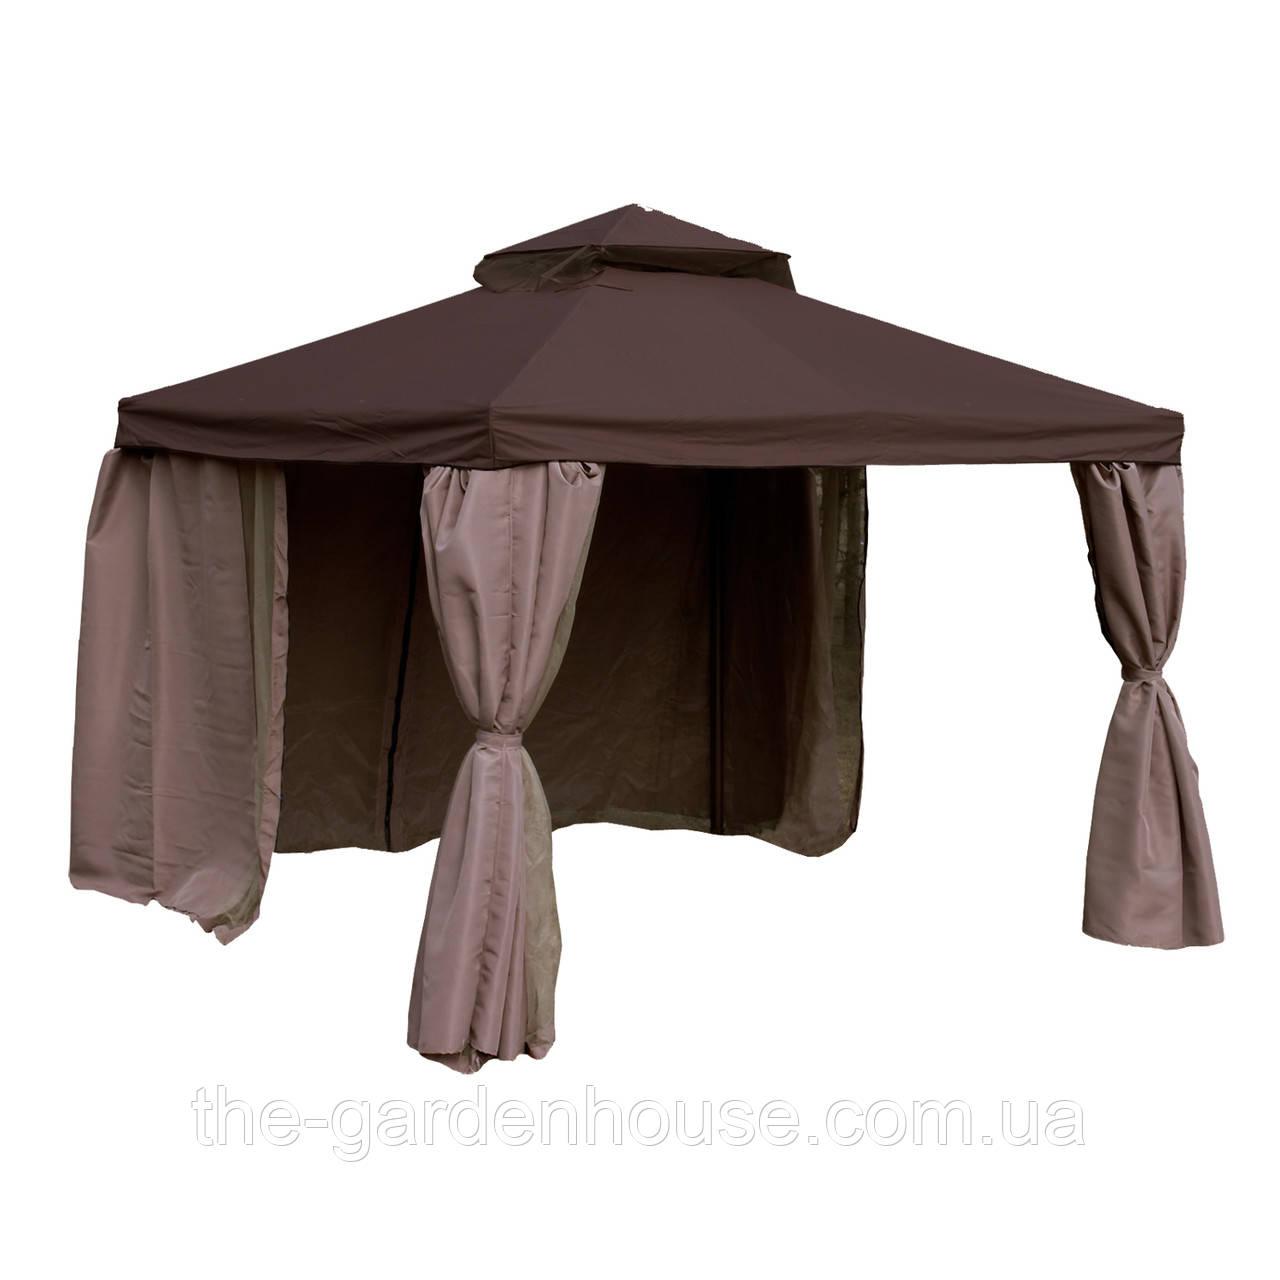 Садовый шатер Legend с москитной сеткой 3х3 м коричневый